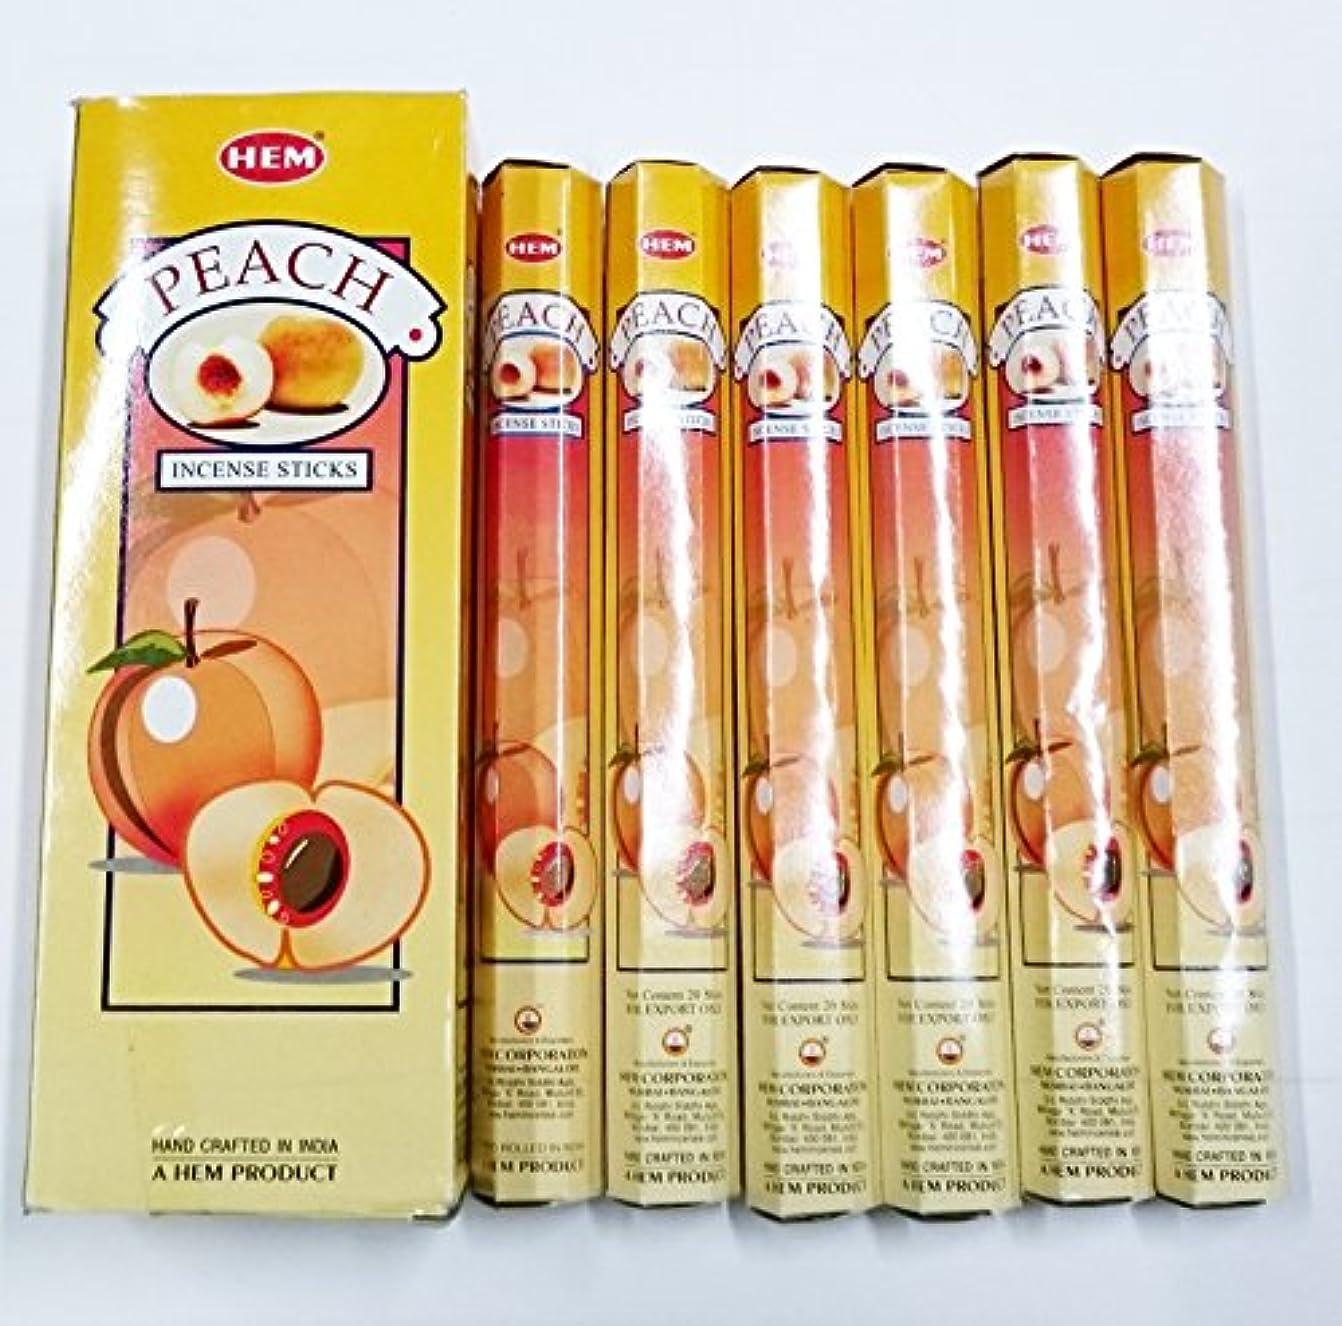 厄介な道路アクロバットHEM (ヘム) インセンス スティック へキサパック ピーチ香 6角(20本入)×6箱 [並行輸入品]Peach